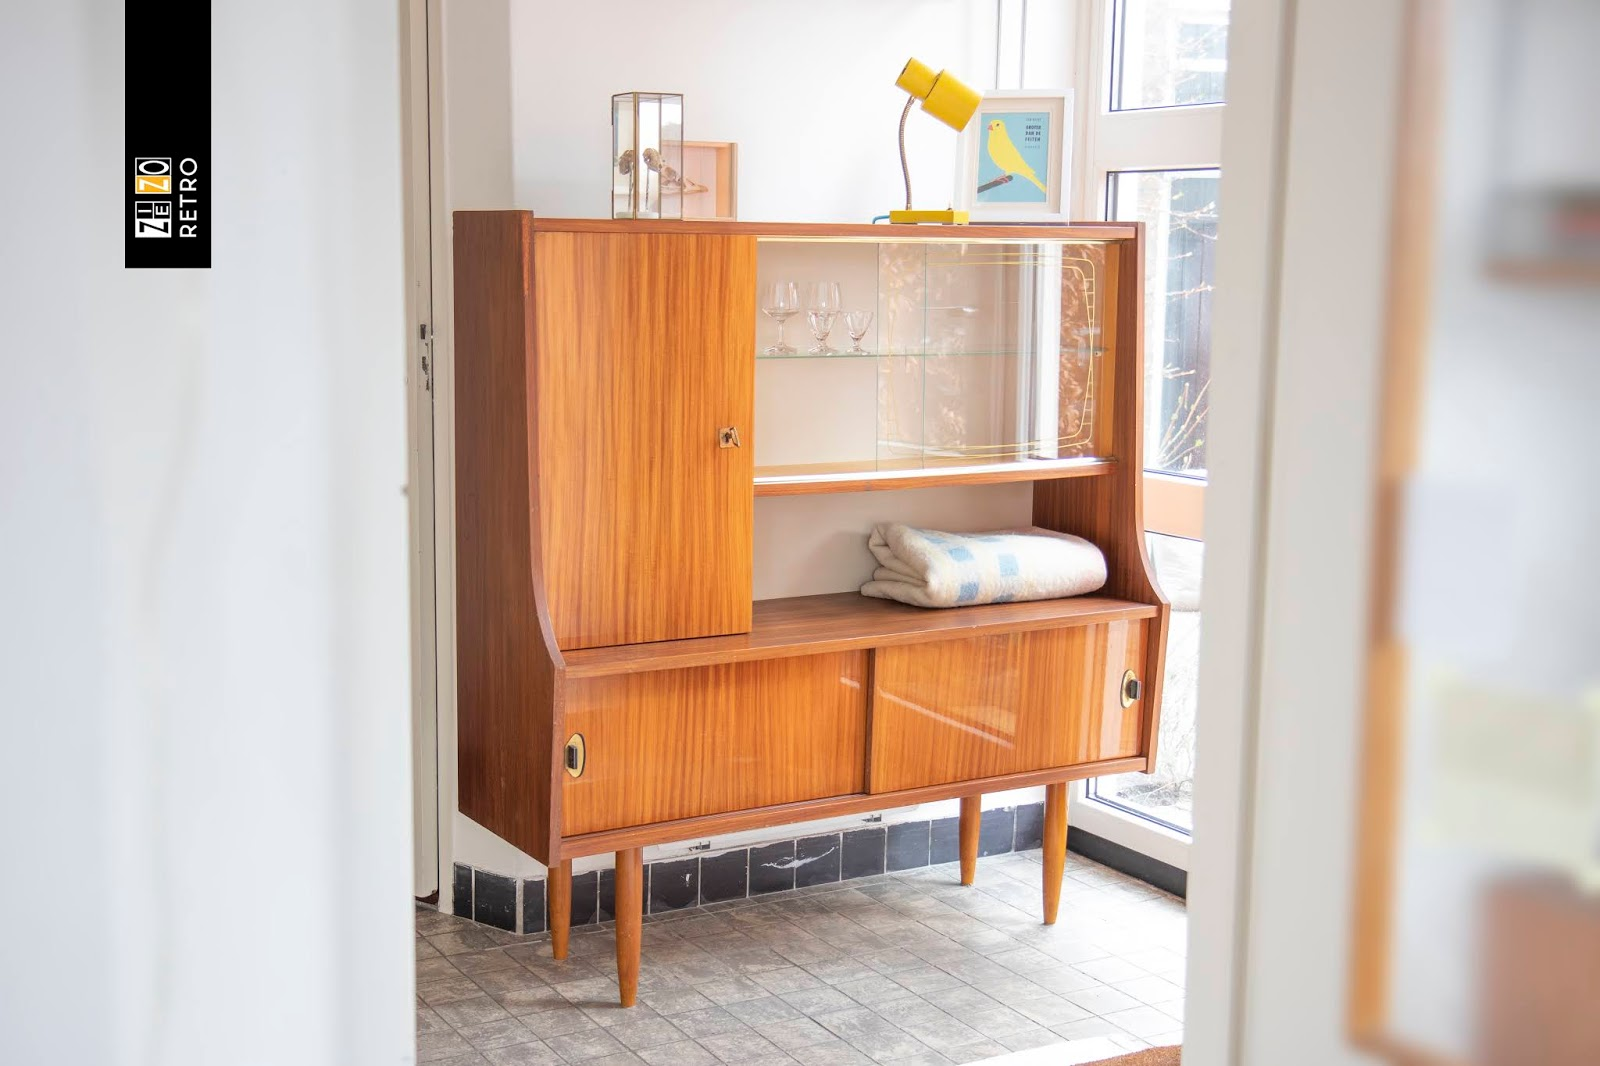 50 Jaren Kast.Vintage Retro Buffetkast Oude Kast Uit Jaren 50 60